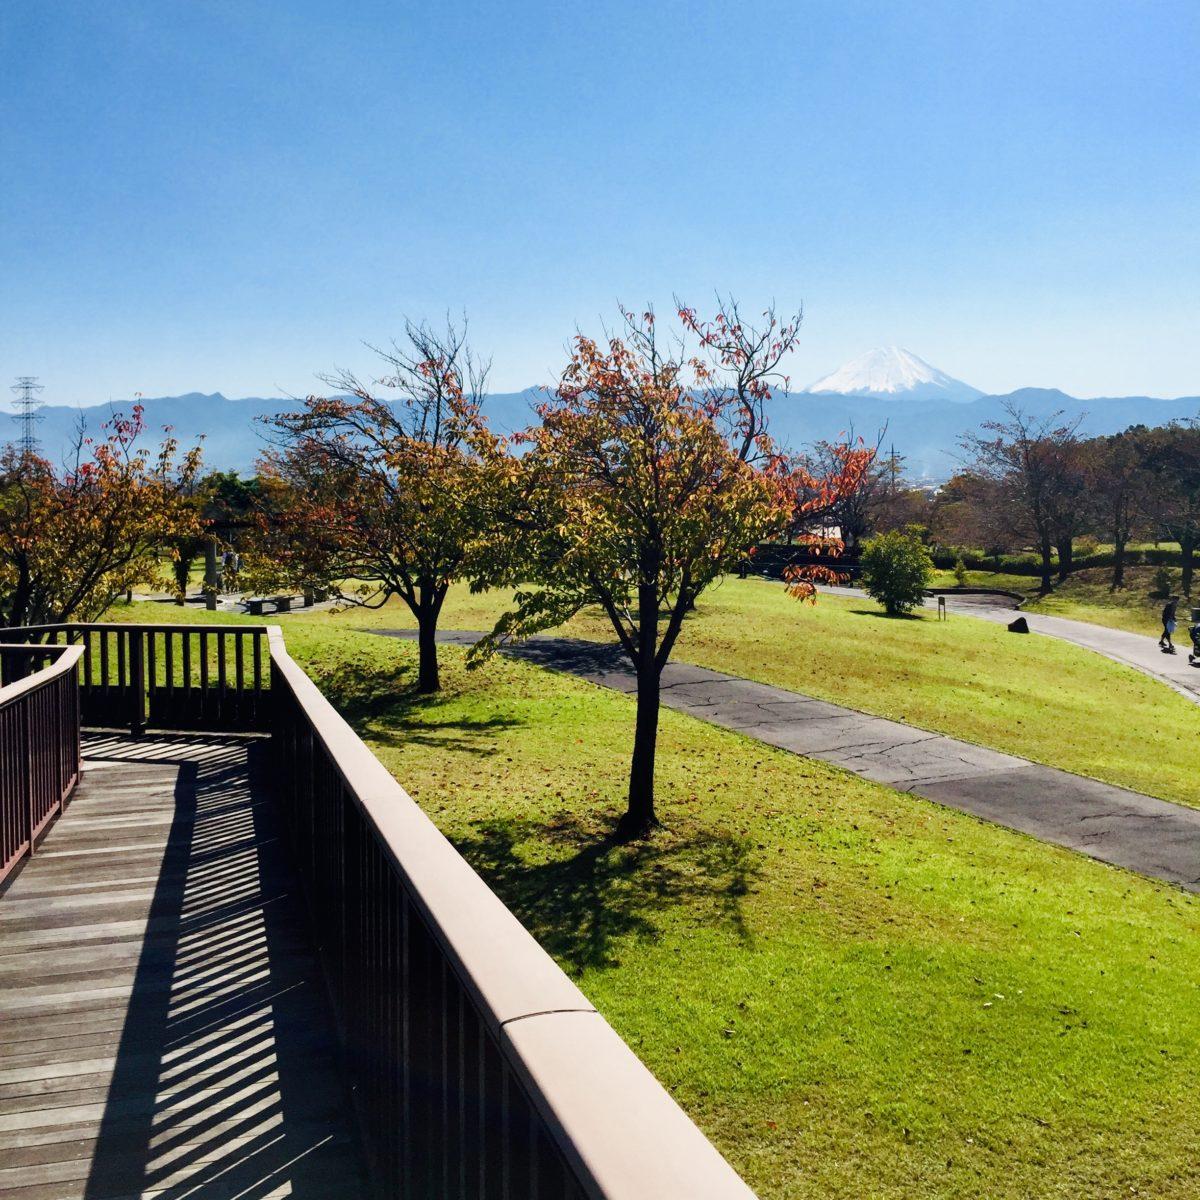 赤坂台総合公園にある森の回廊からみる富士山